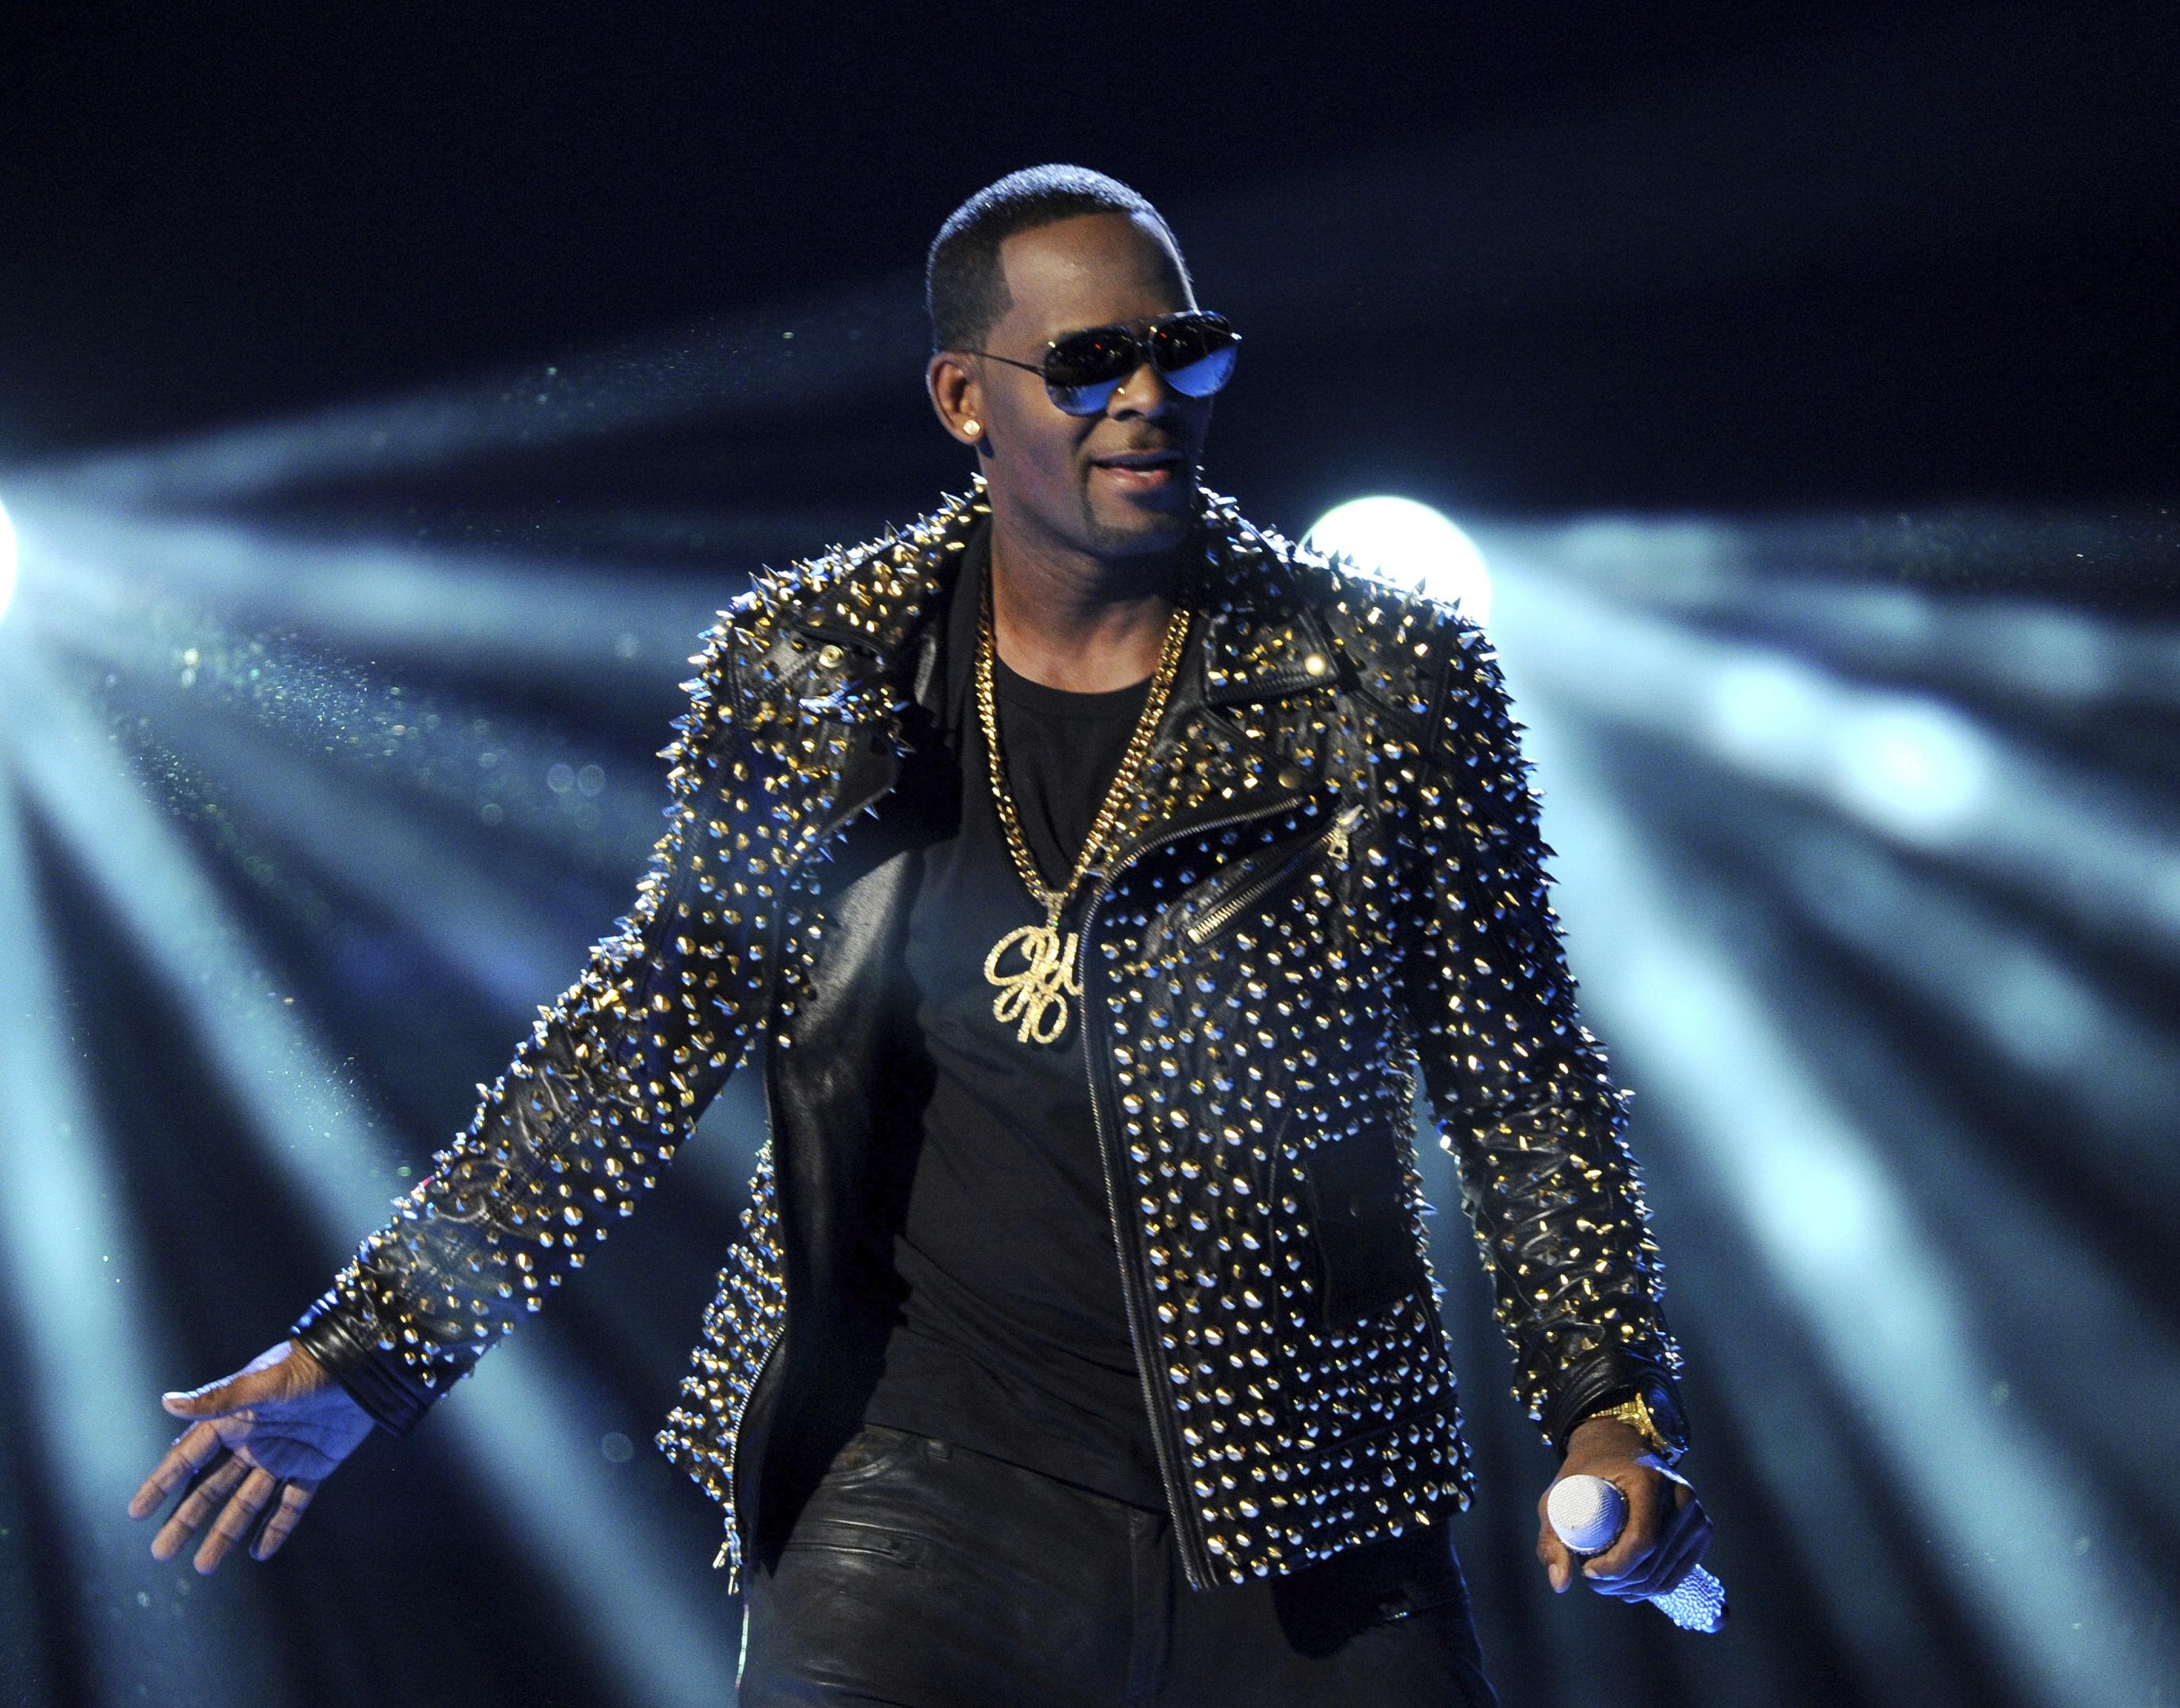 2013, R. Kelly canta en la ceremonia de los Premios BET en Los Angeles. (Foto por Frank Micelotta/Invision/AP, Archivo)